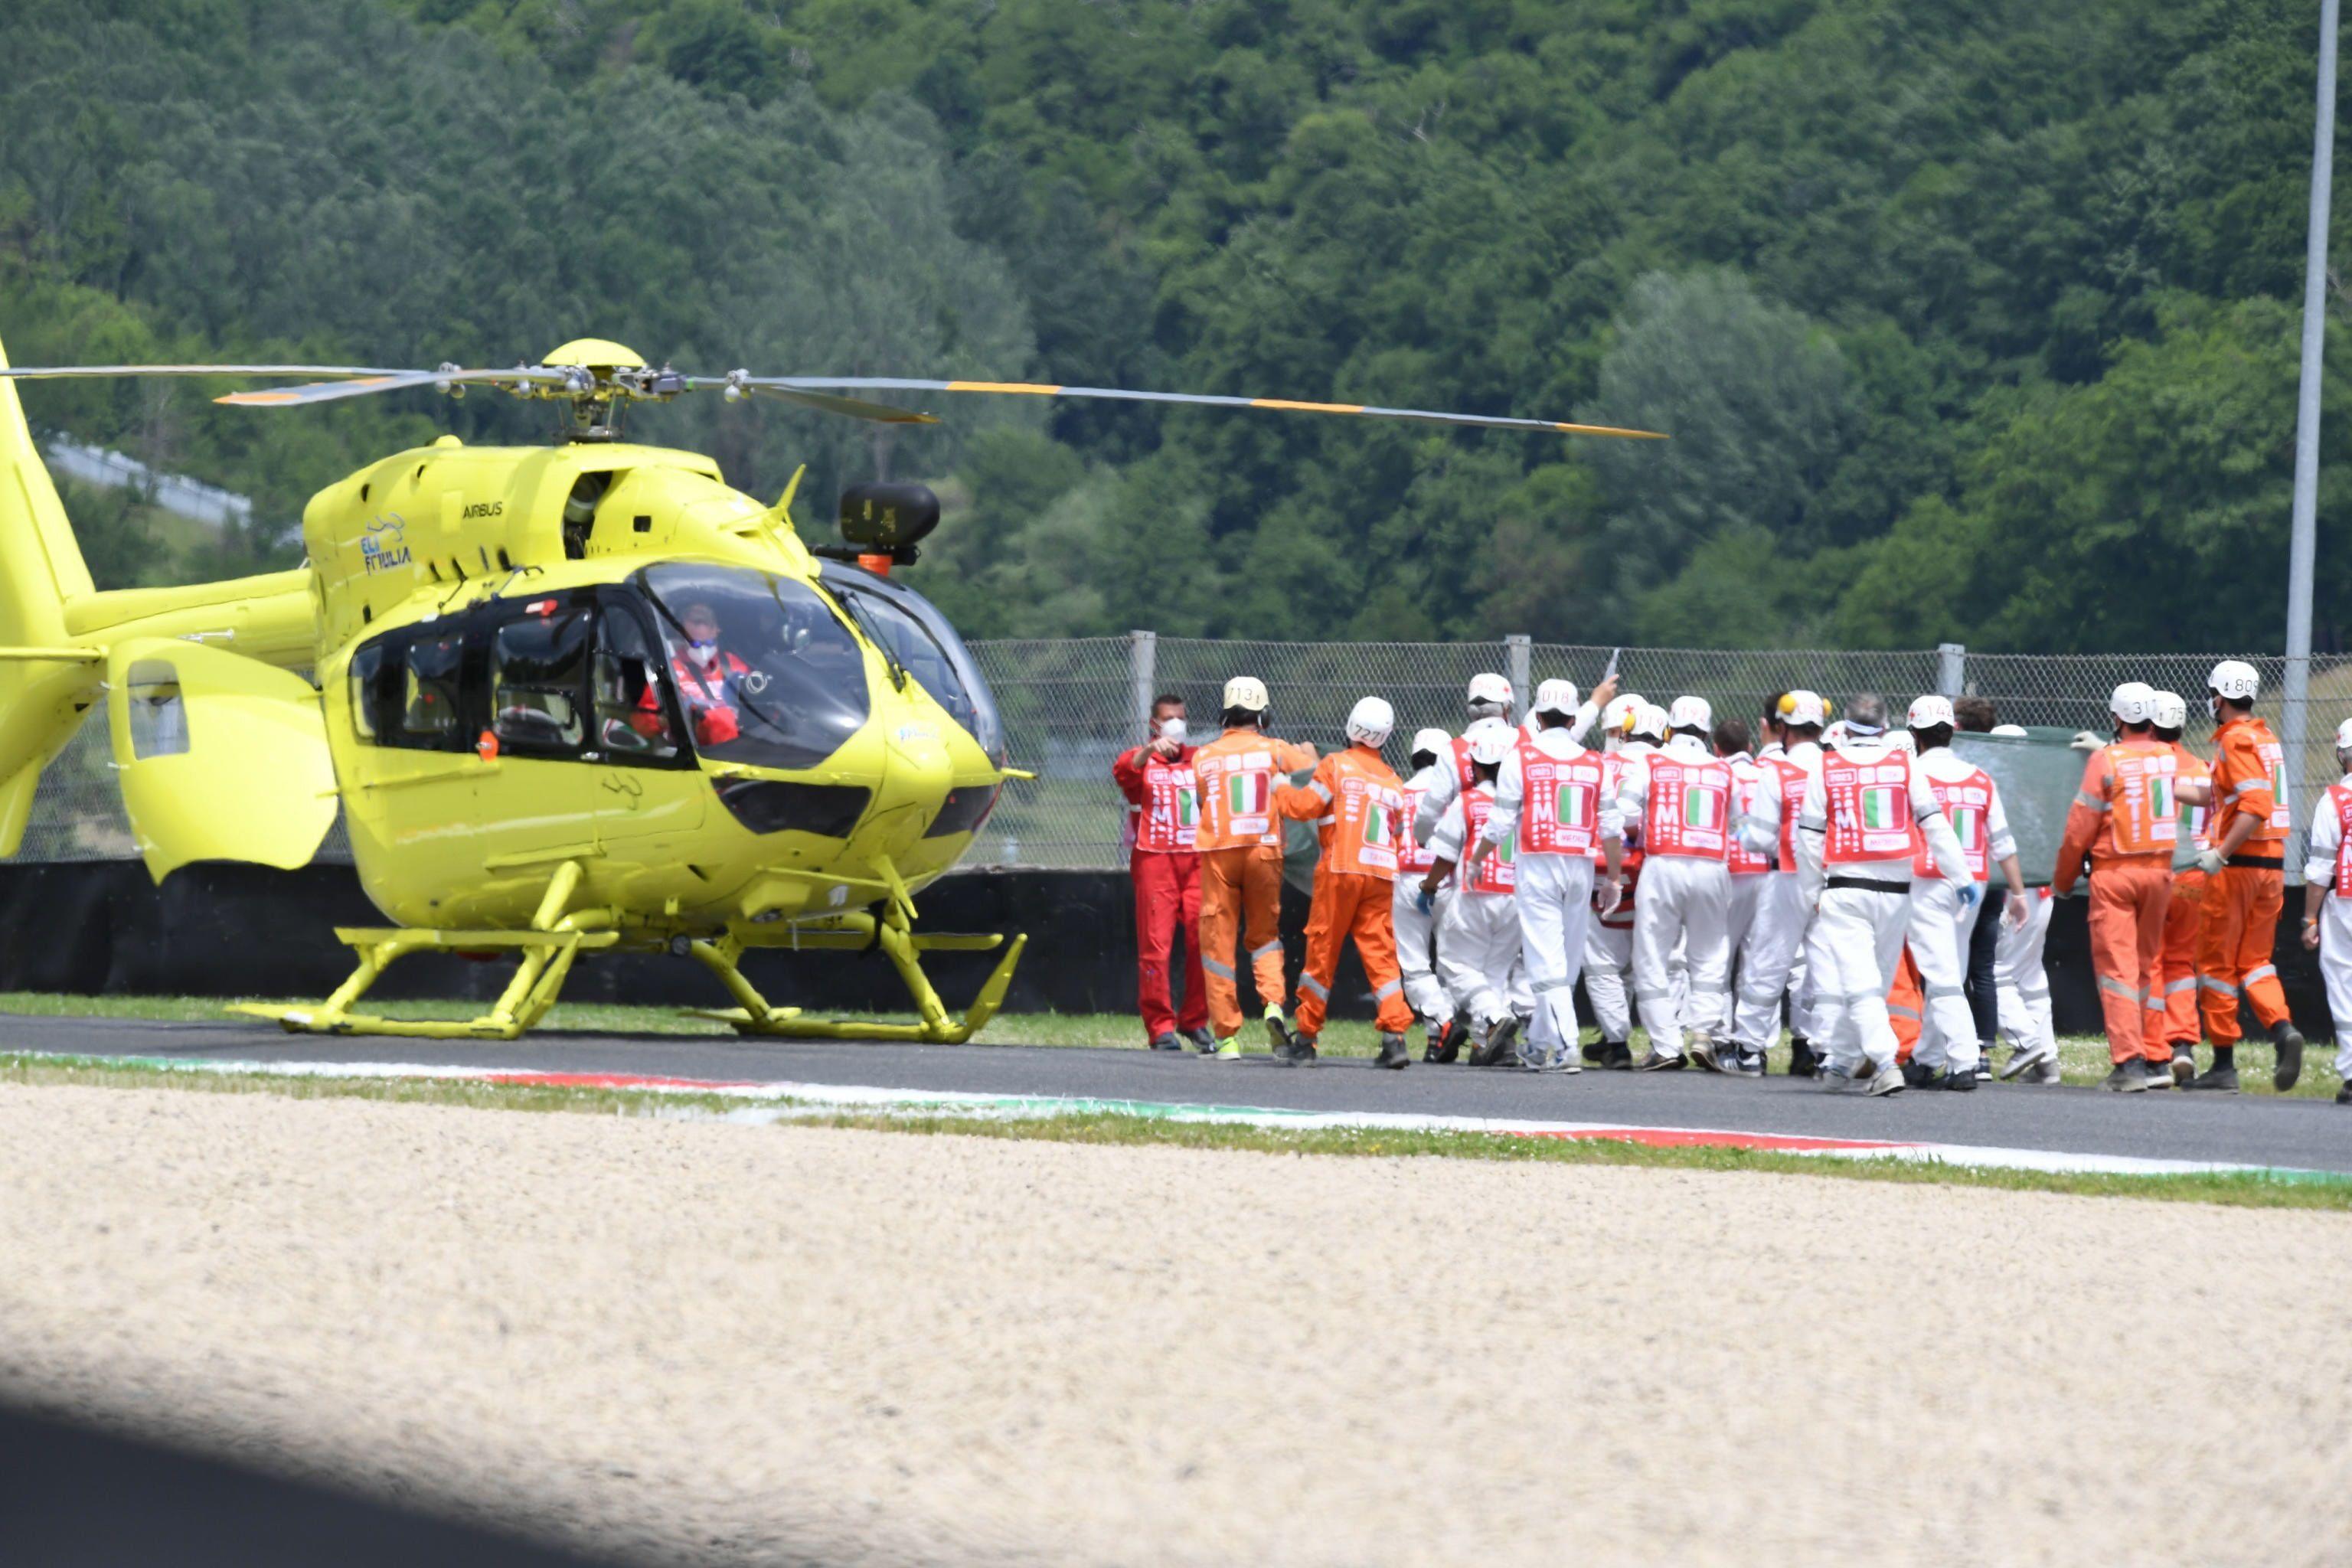 conmocion-en-el-moto3:-murio-jason-dupasquier,-el-piloto-que-se-habia-accidentado-en-el-gran-premio-de-italia